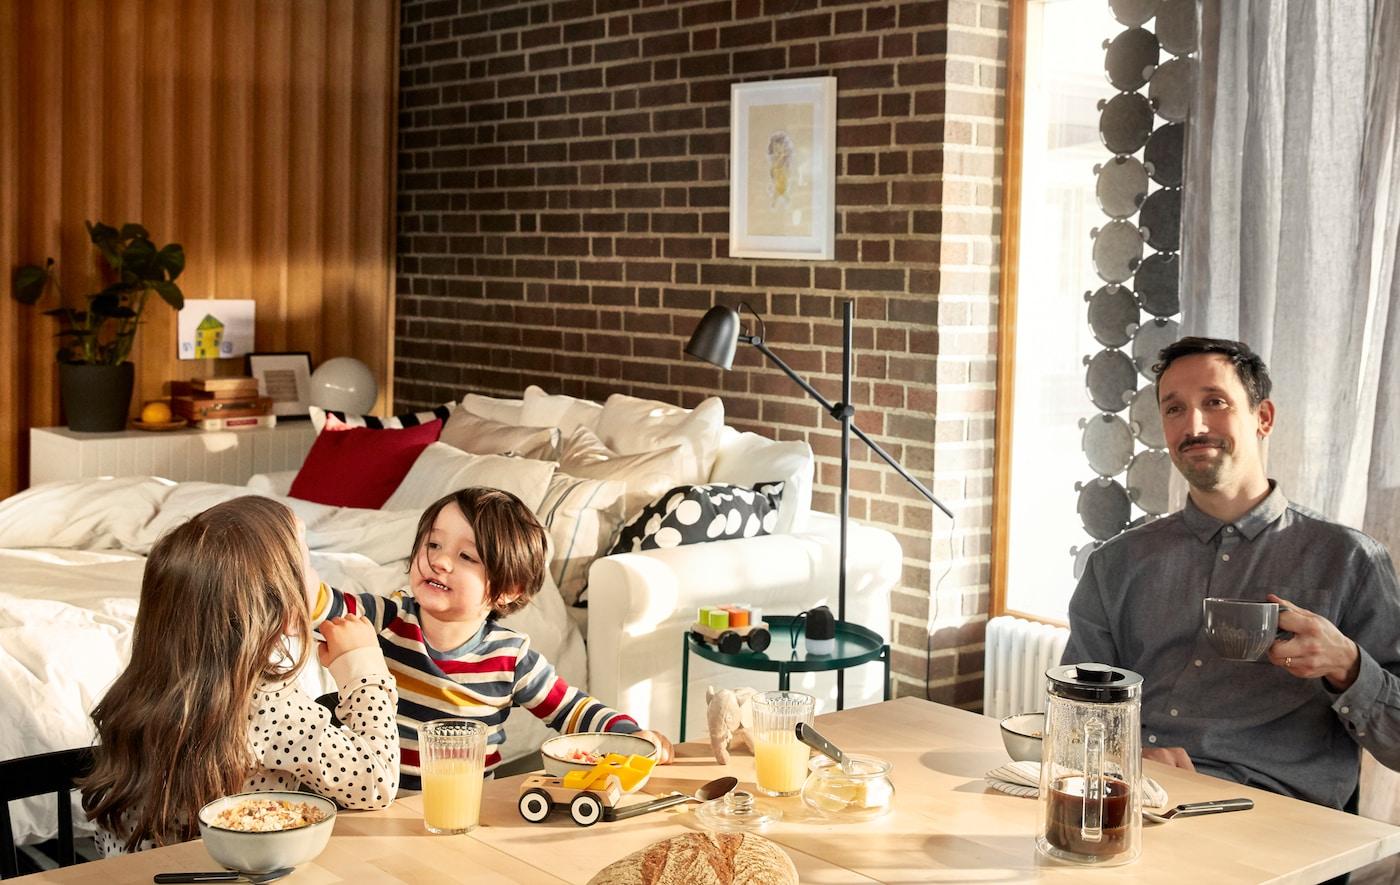 아침 식탁에서 조용하게 커피를 마시는 아빠와 옆에서 음식으로 장난을 치고 있는 두 명의 아이들.